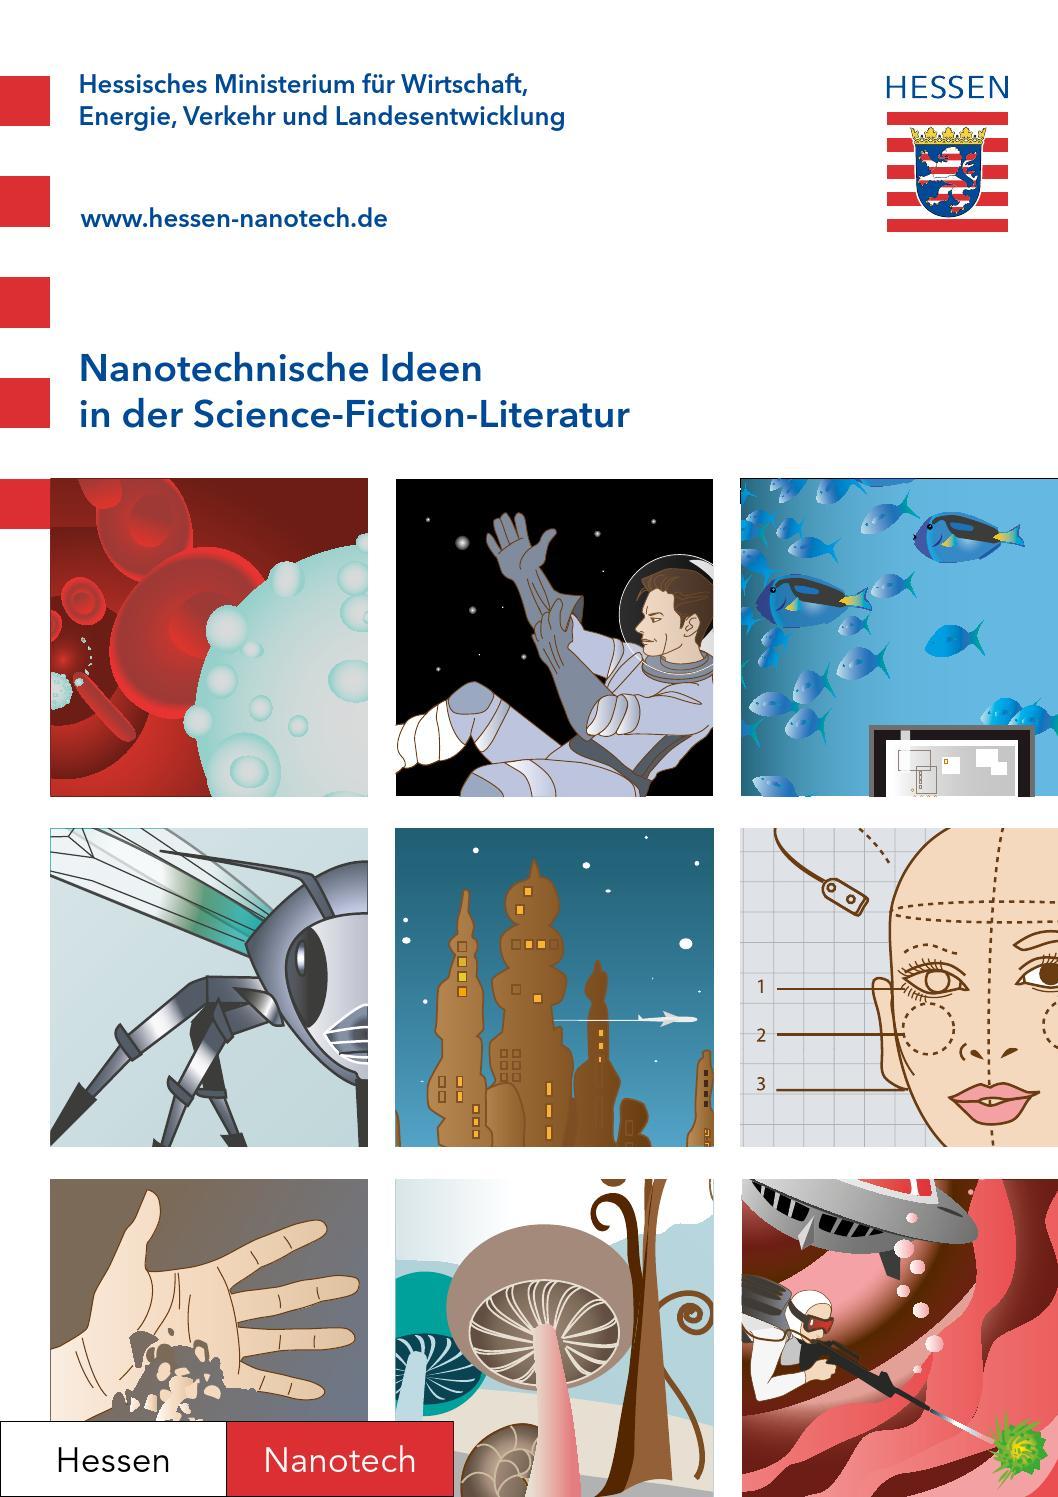 Nanotechnische Ideen In Der Science Fiction Litera By Hessen Agentur